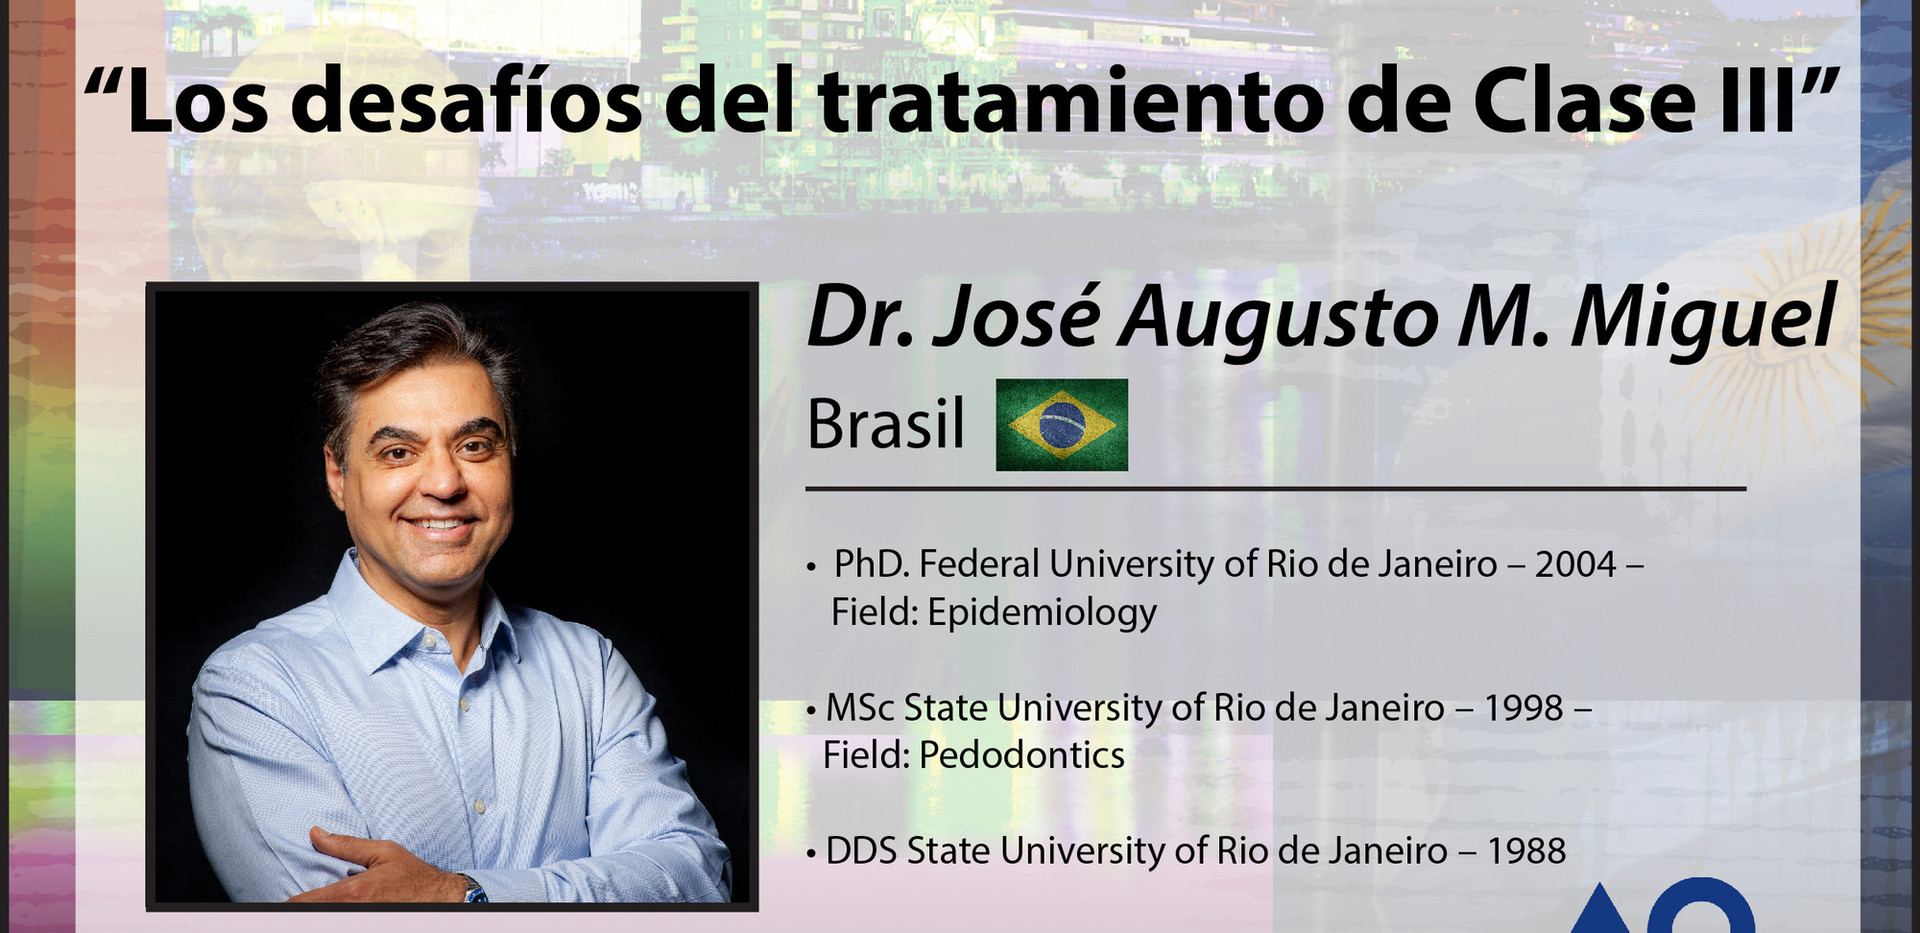 Dr. José Augusto Miguel